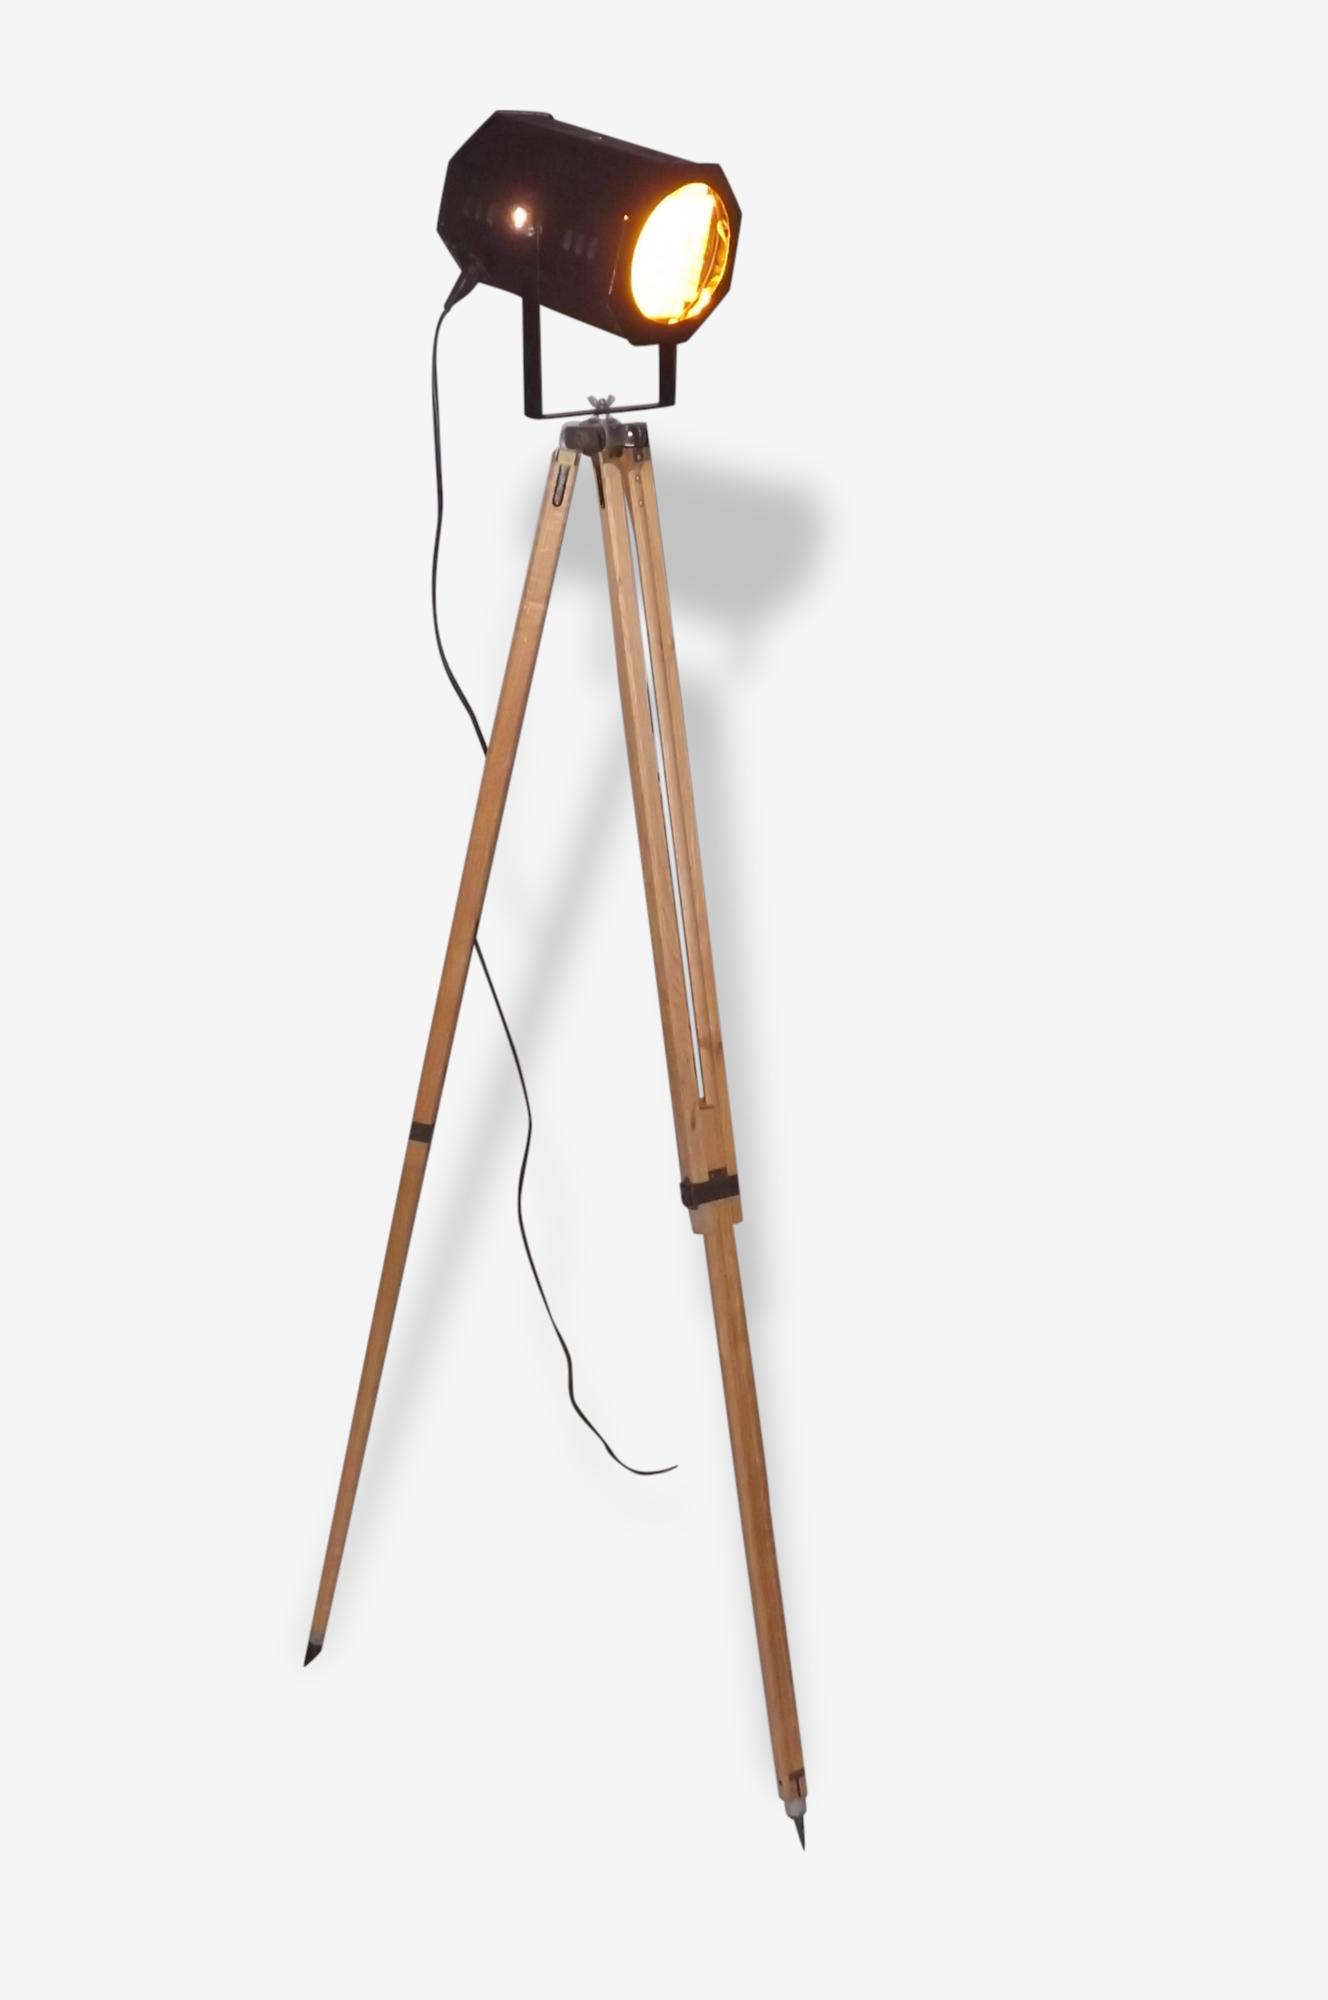 Lampe Design Industriel Spot de Cinema sur trépied chéne de L'Armée